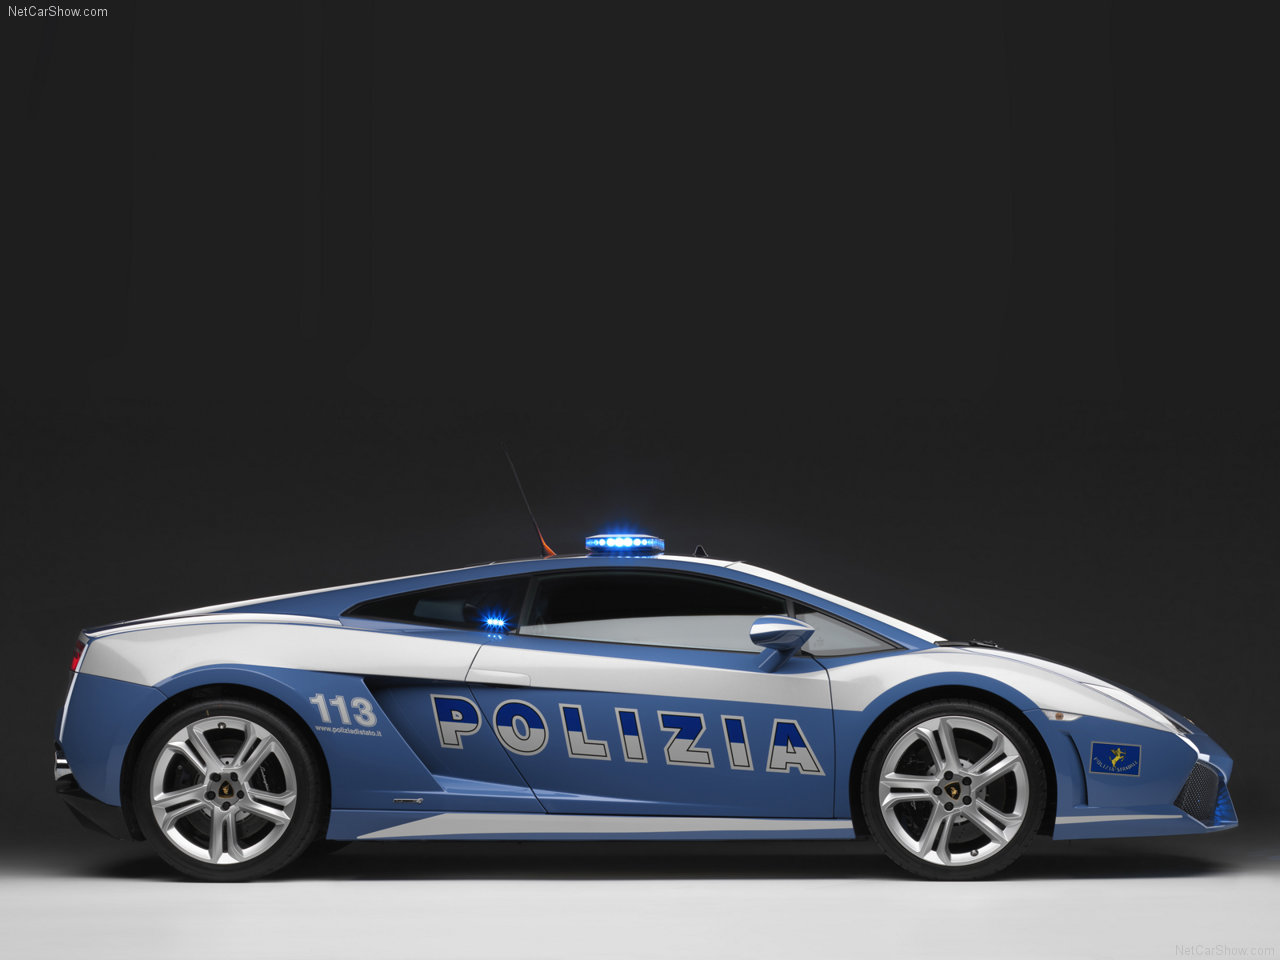 http://4.bp.blogspot.com/-qpUcZQpiToU/TY8oN63fIQI/AAAAAAAAA_E/mkv0dlD_0Js/s1600/Lamborghini-Gallardo_LP560-4_Polizia_2009_1280x960_wallpaper_06.jpg